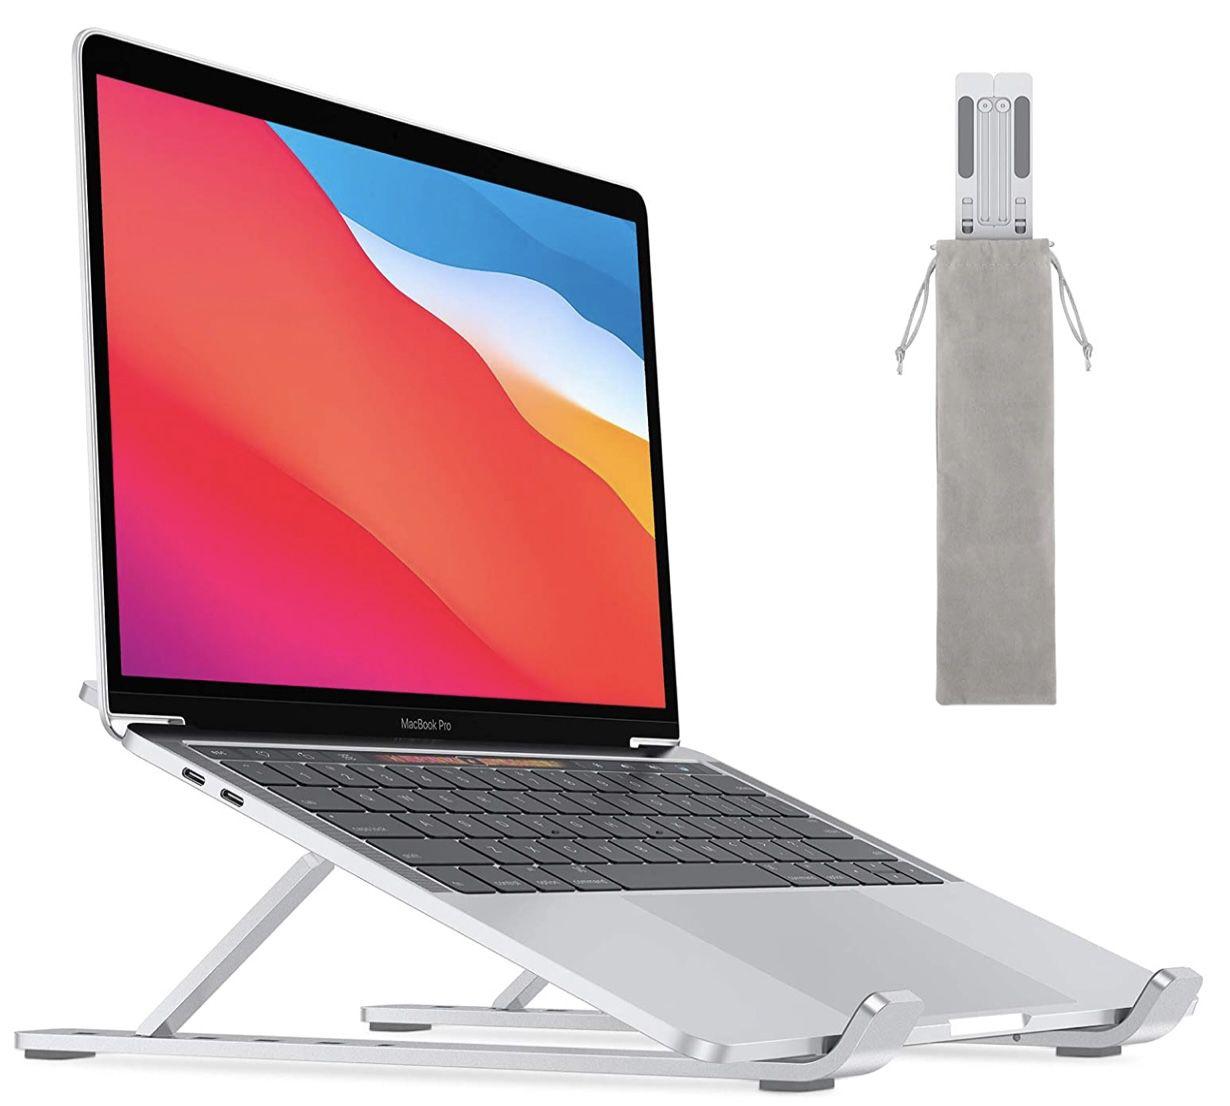 OMOTON Laptop Ständer für 10-15,6″ Laptops mit 6-stufiger Verstellfunktion für 9,99€ (statt 20€)